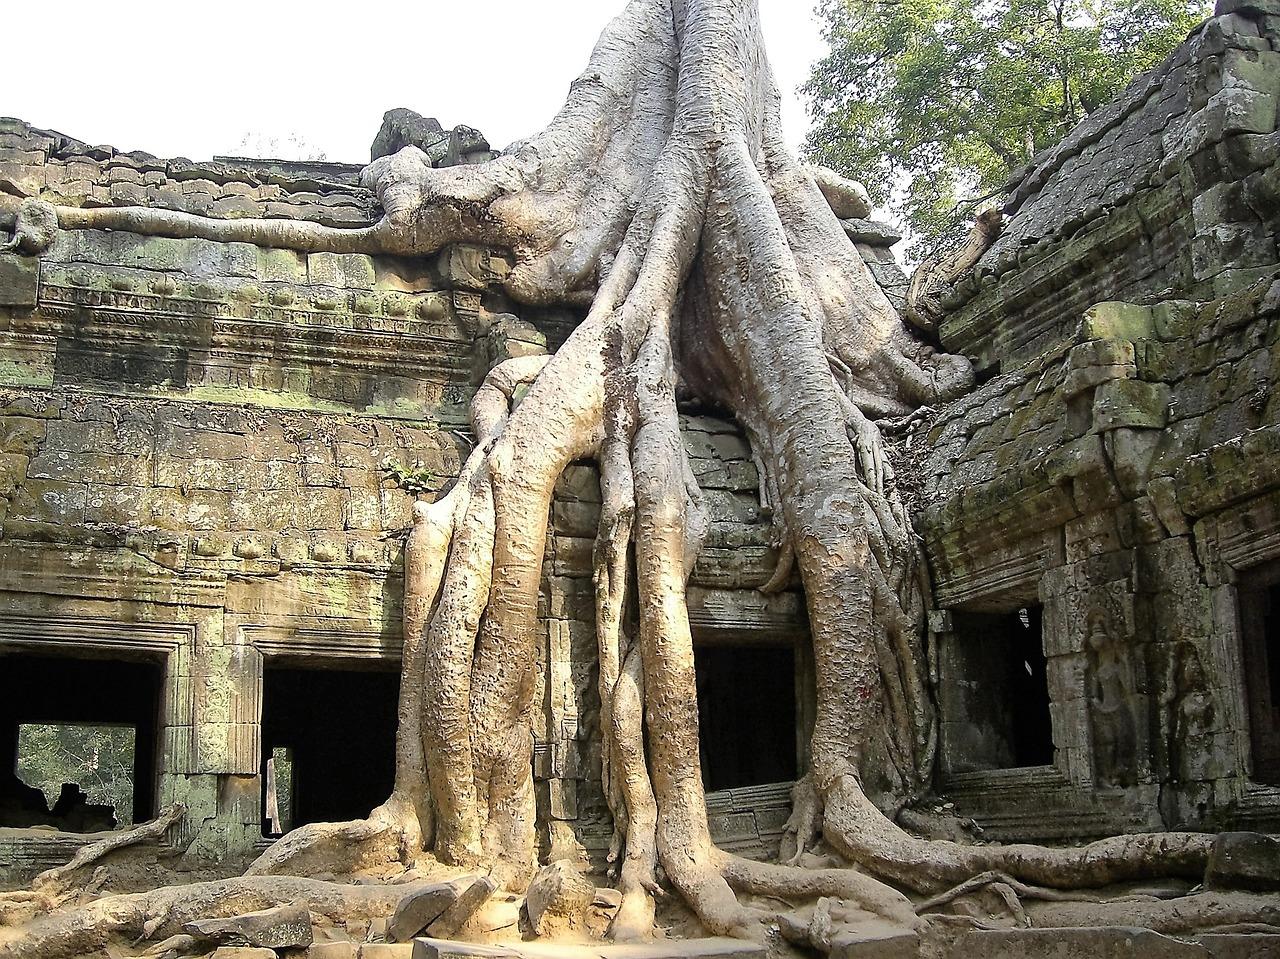 破滅, 古い, ツリー, アンコールワット, カンボジア, 下落, 歴史